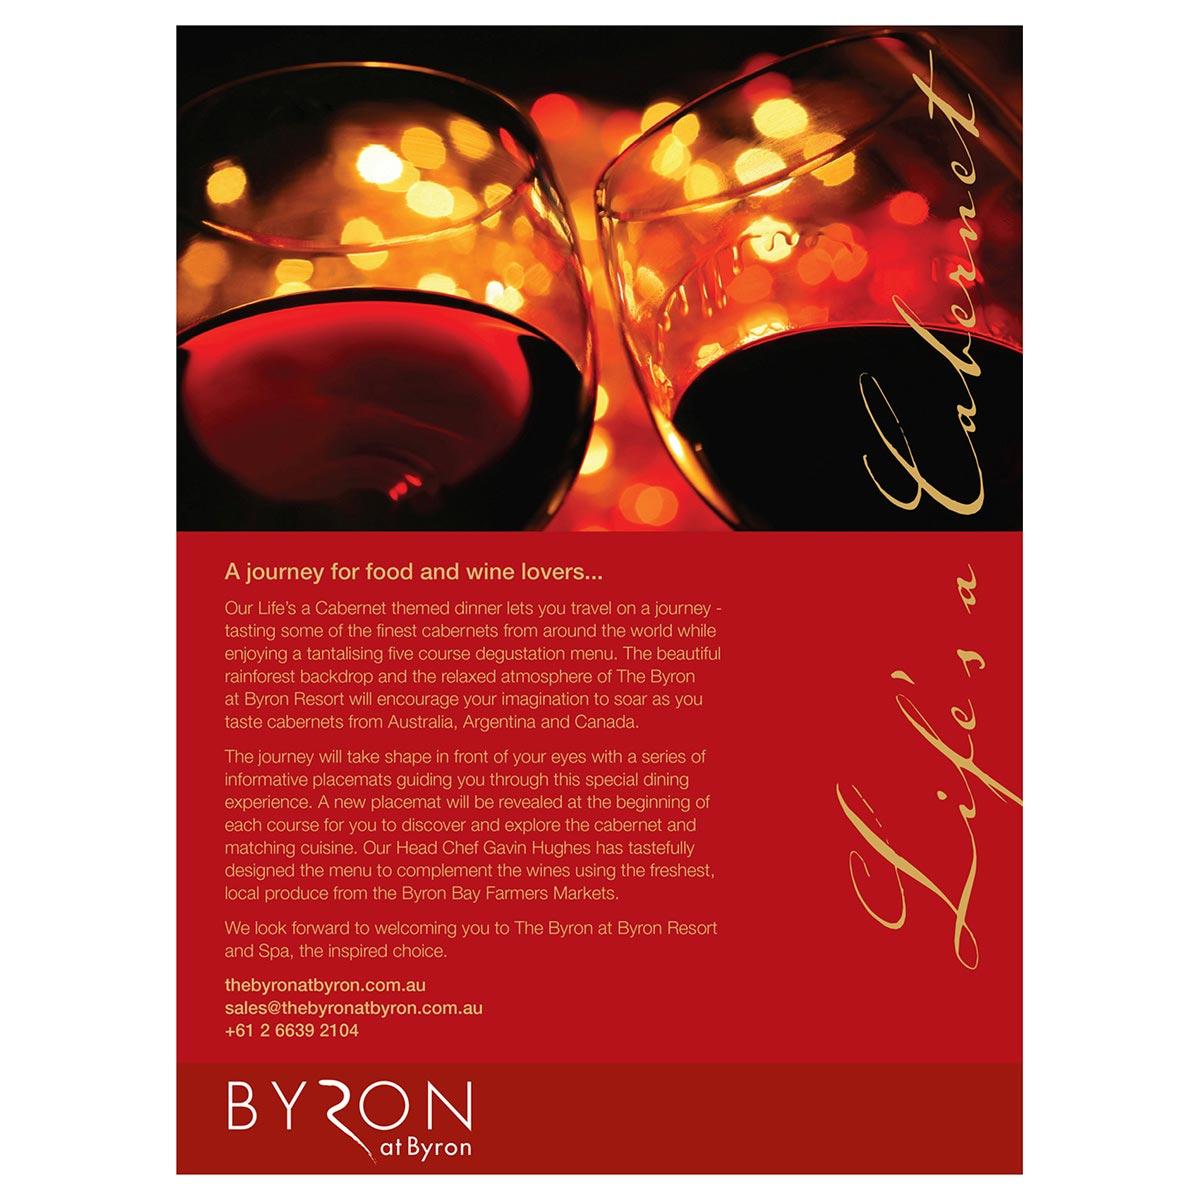 ByronBR-01-1200